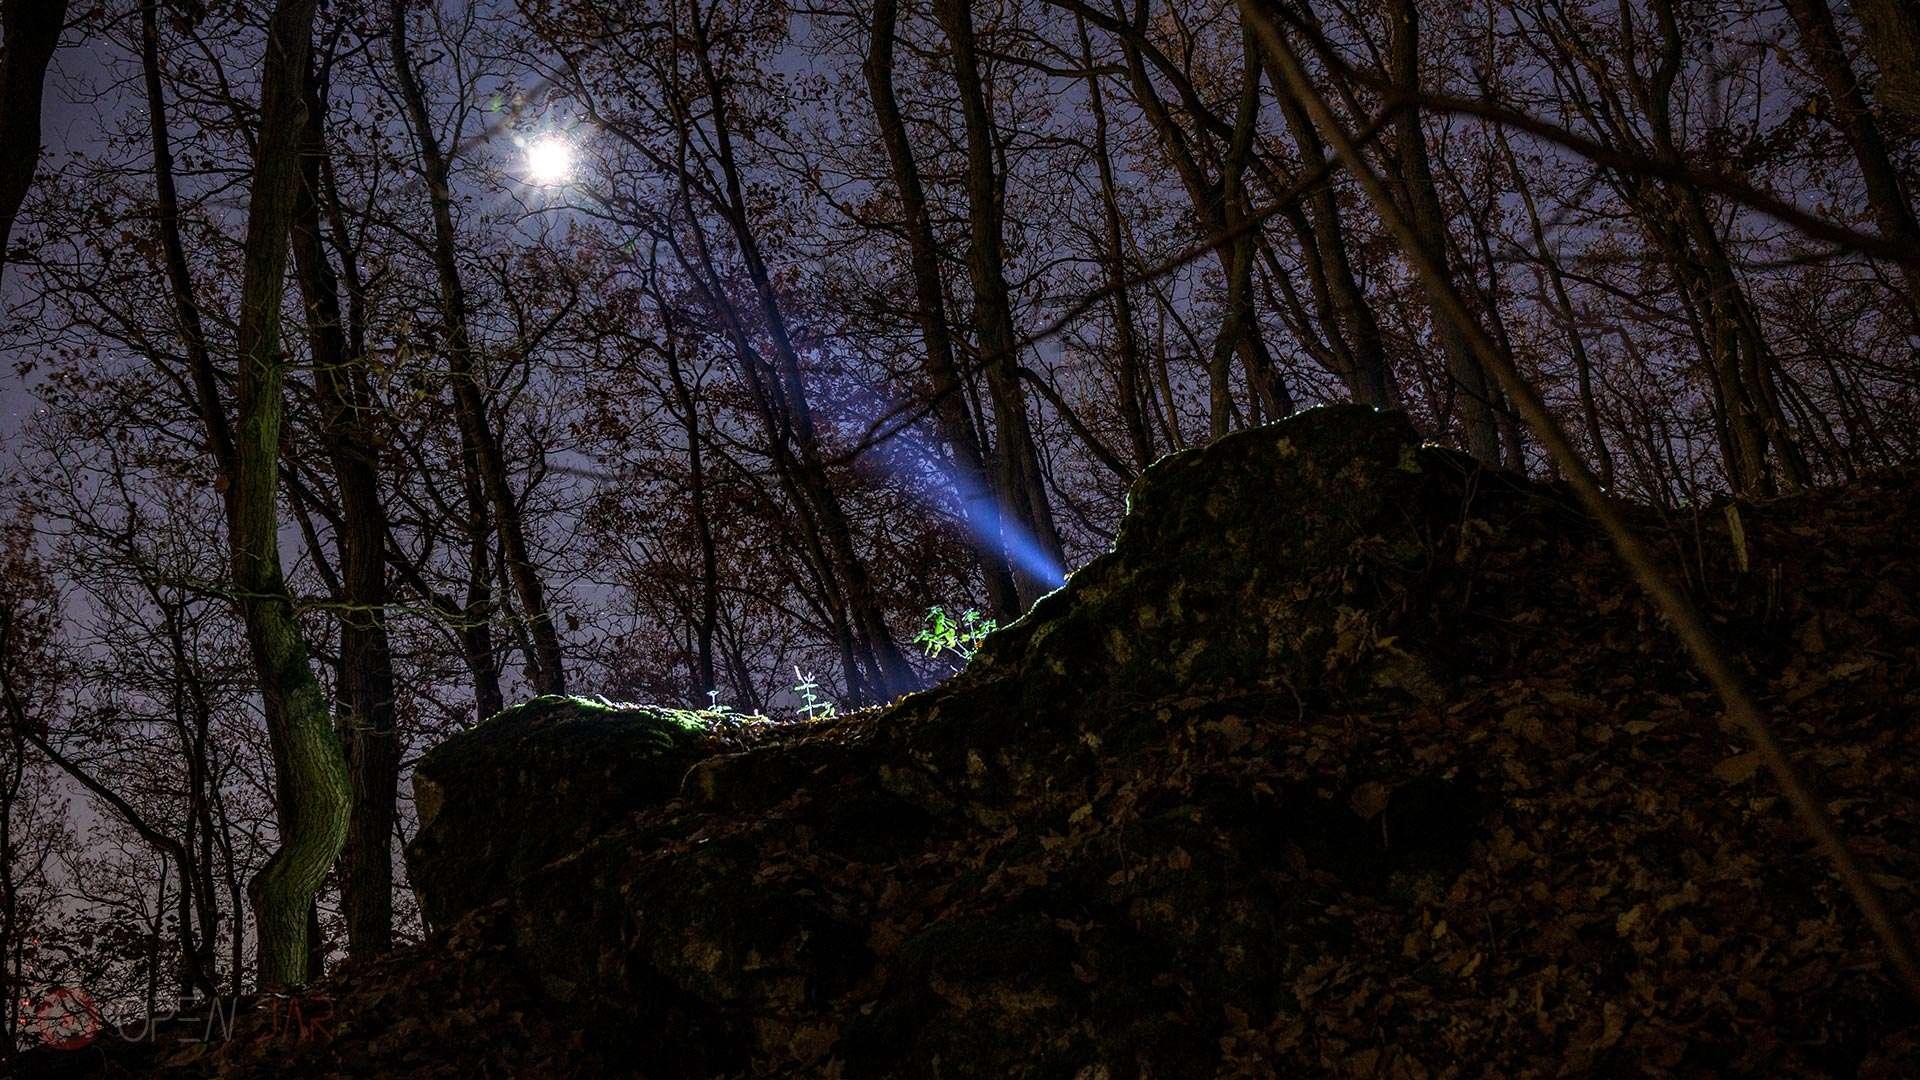 Eine Taschenlampe scheint den Mond an.